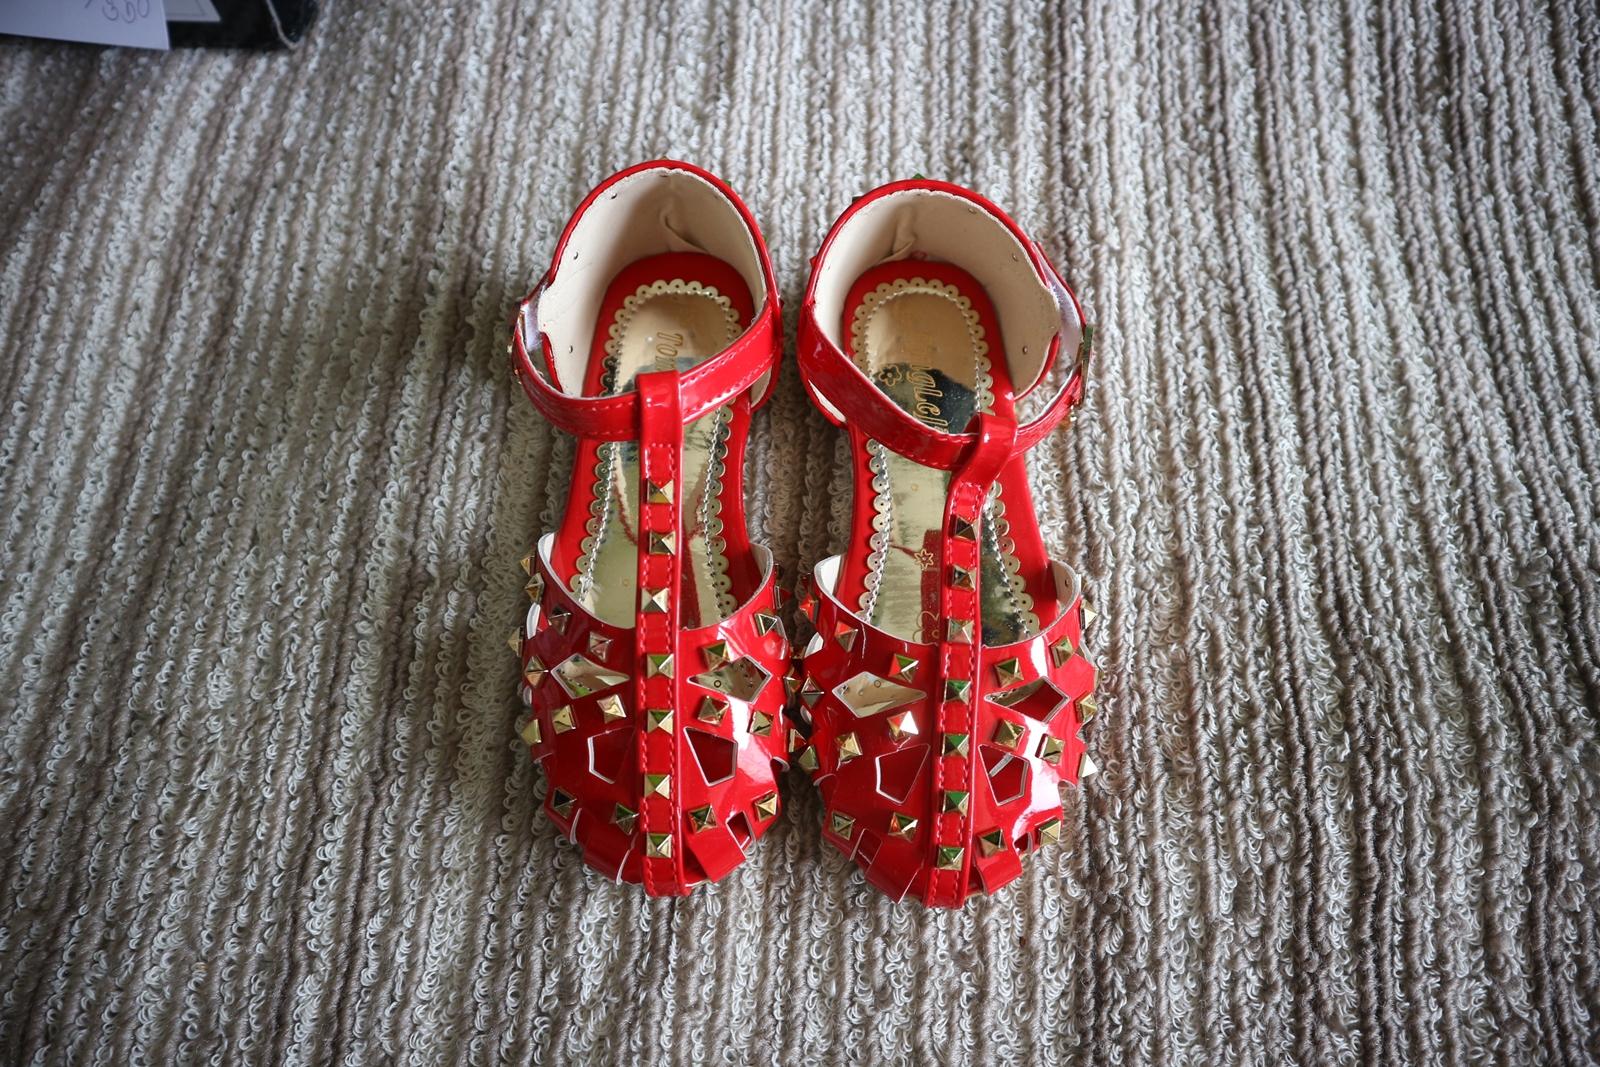 รองเท้าแฟชั่นเด็กสีแดงหมุดทอง